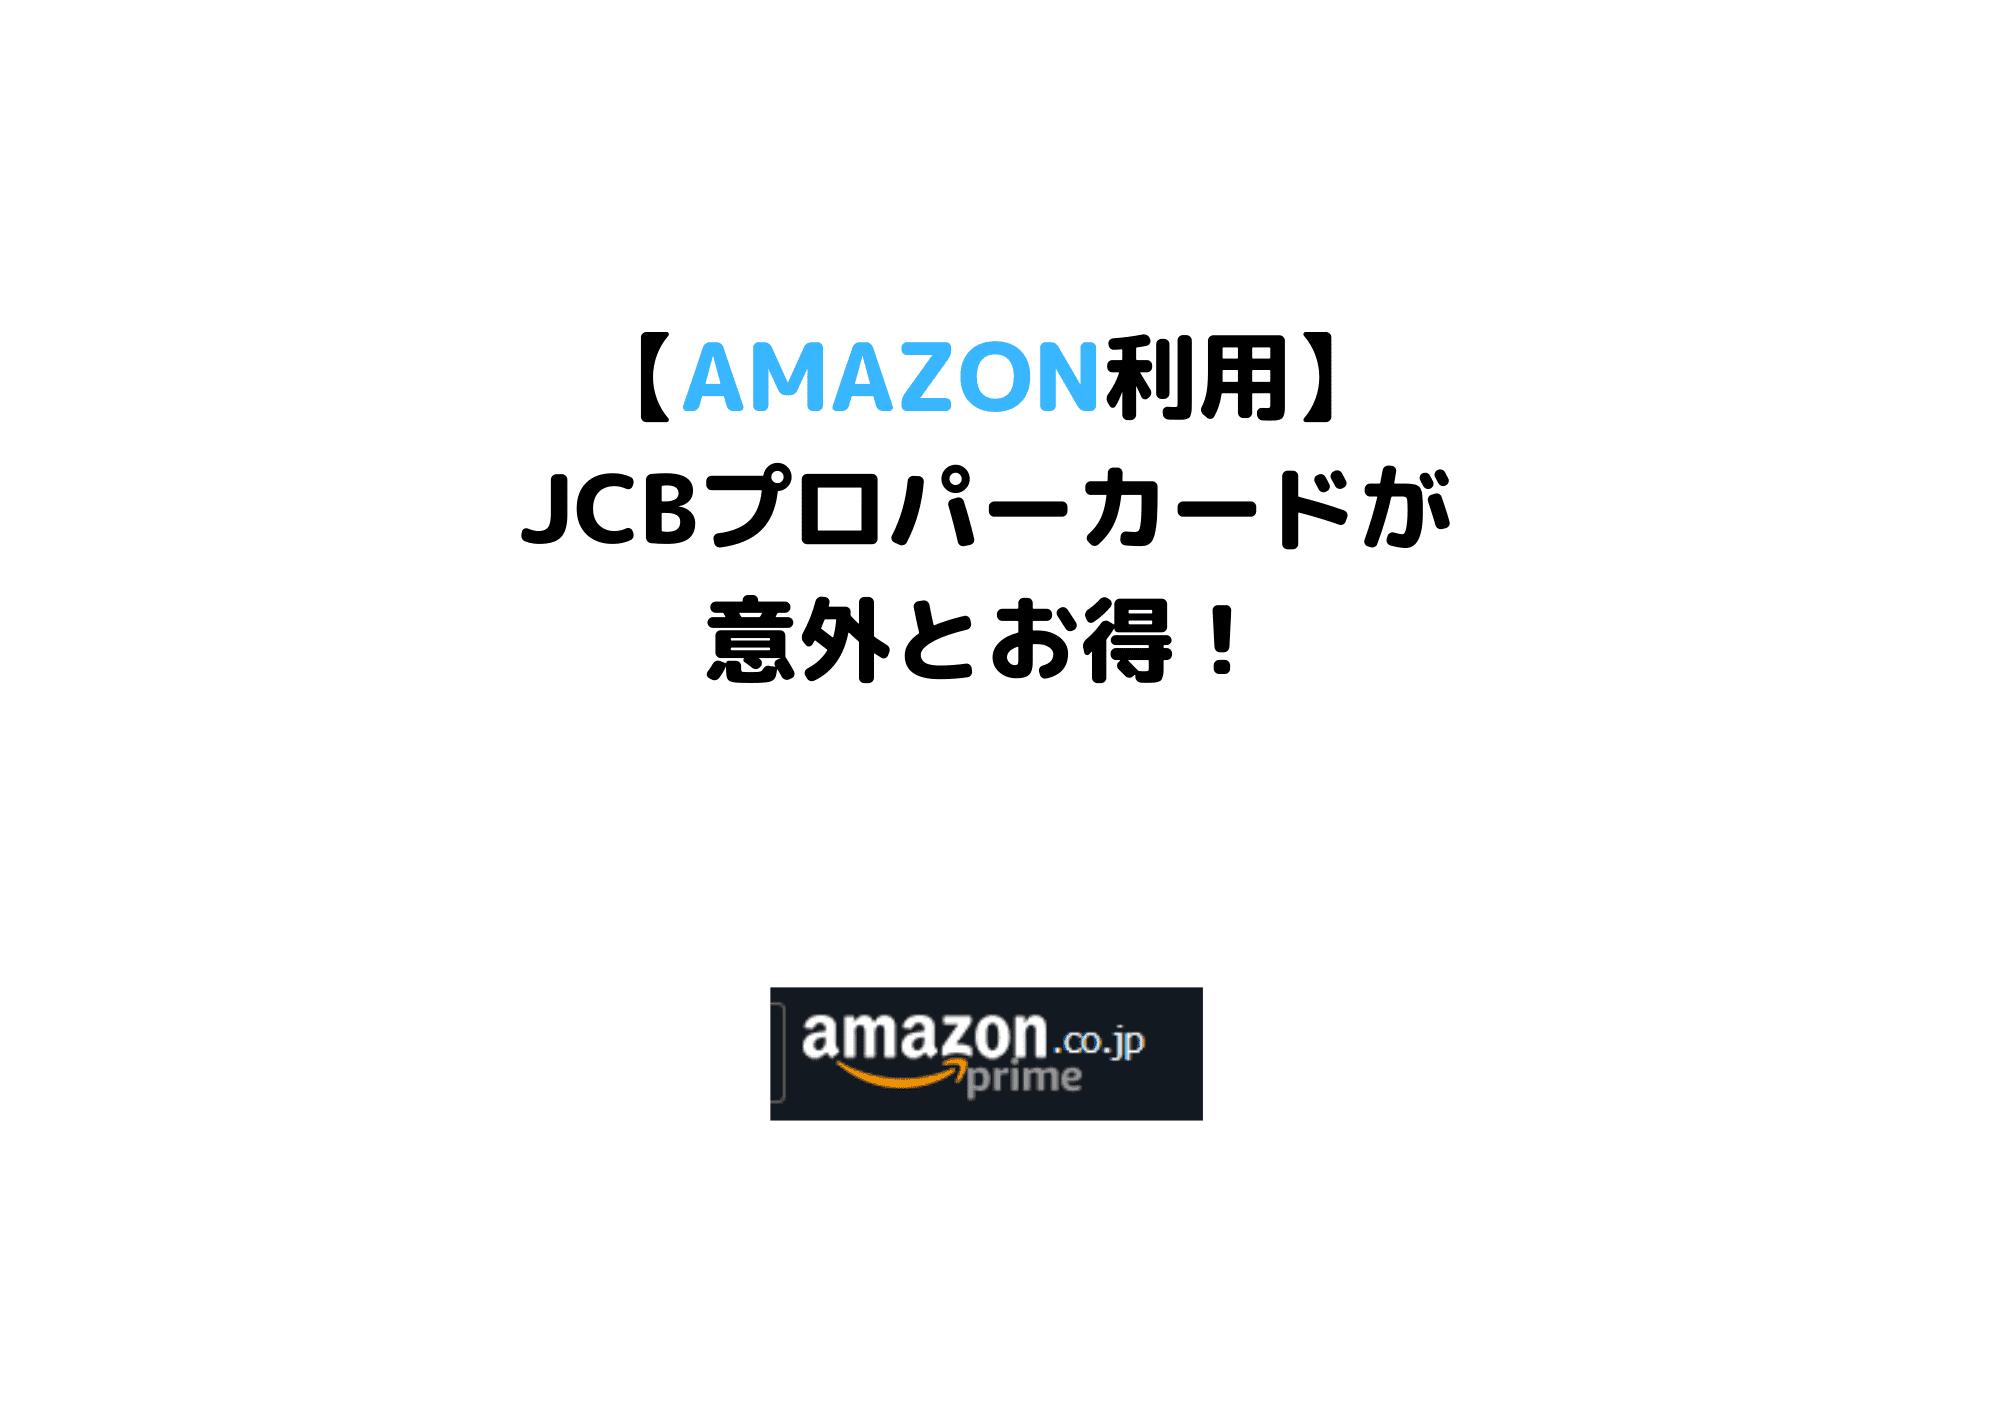 JCB 20%還元のコピー (1)